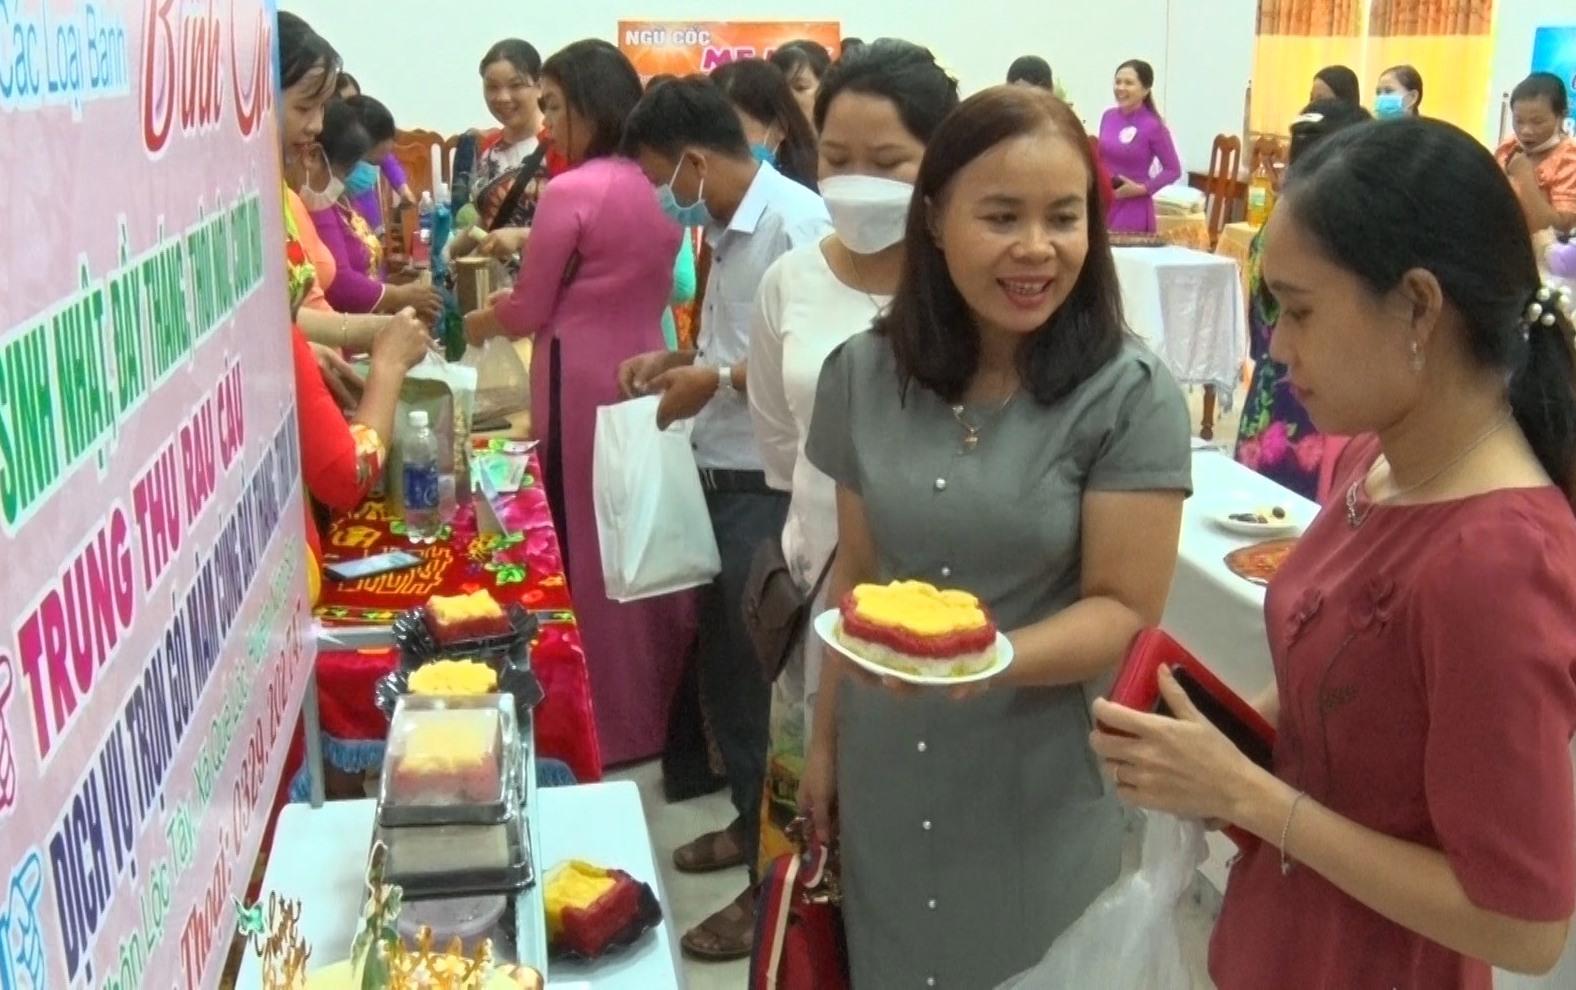 """Các sản phẩm khởi nghiệp của phụ nữ trưng bày tại """"Ngày hội phụ nữ khởi nghiệp - sáng tạo năm 2021"""". Ảnh: N.P"""